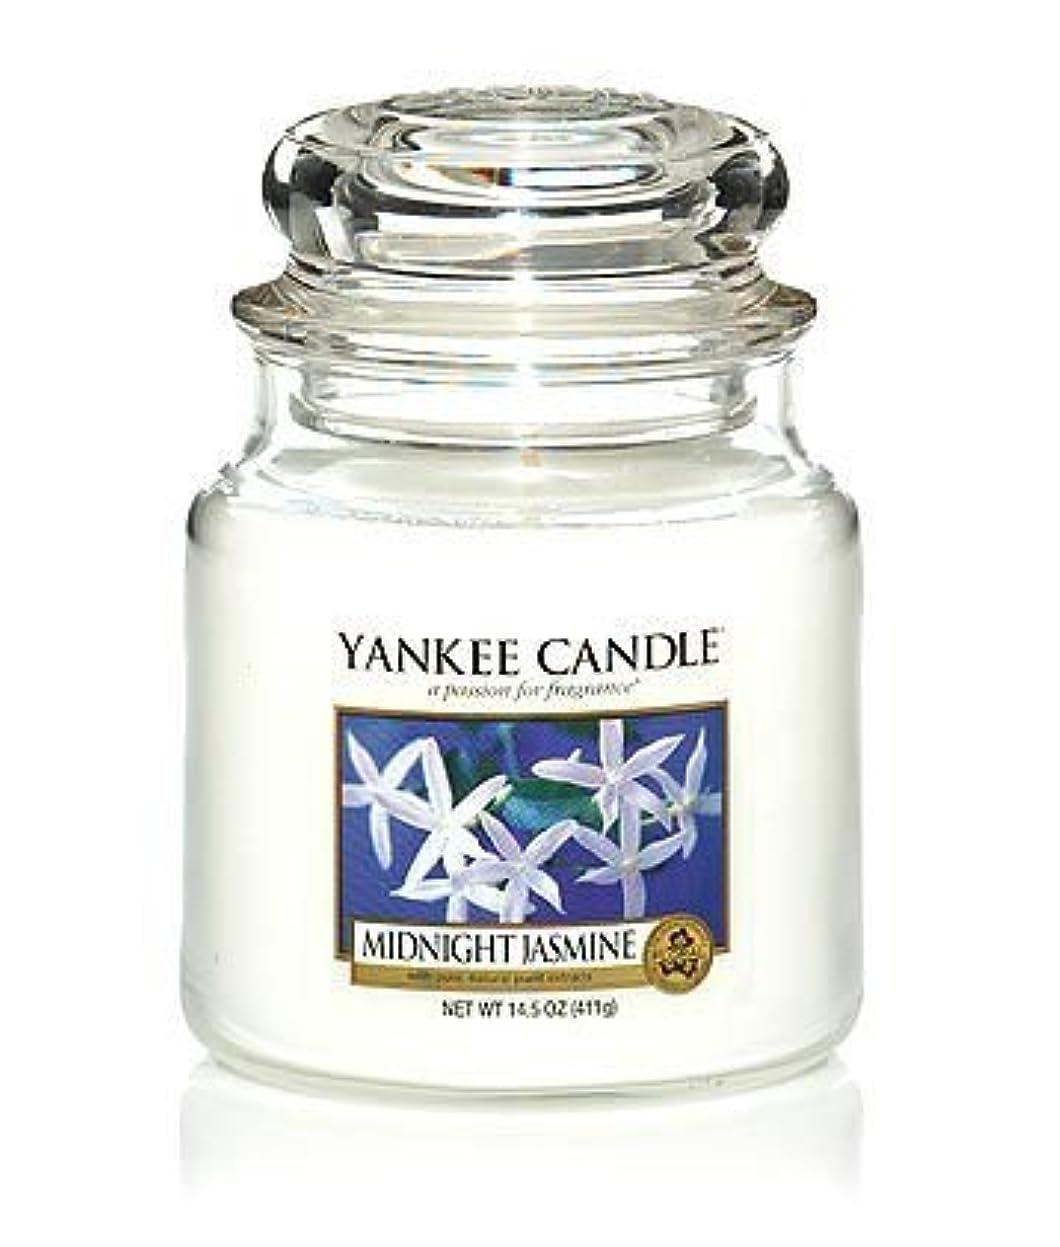 活発算術経済Yankee Candle Midnight Jasmine Medium Jar Candle, Floral Scent by Yankee Candle [並行輸入品]